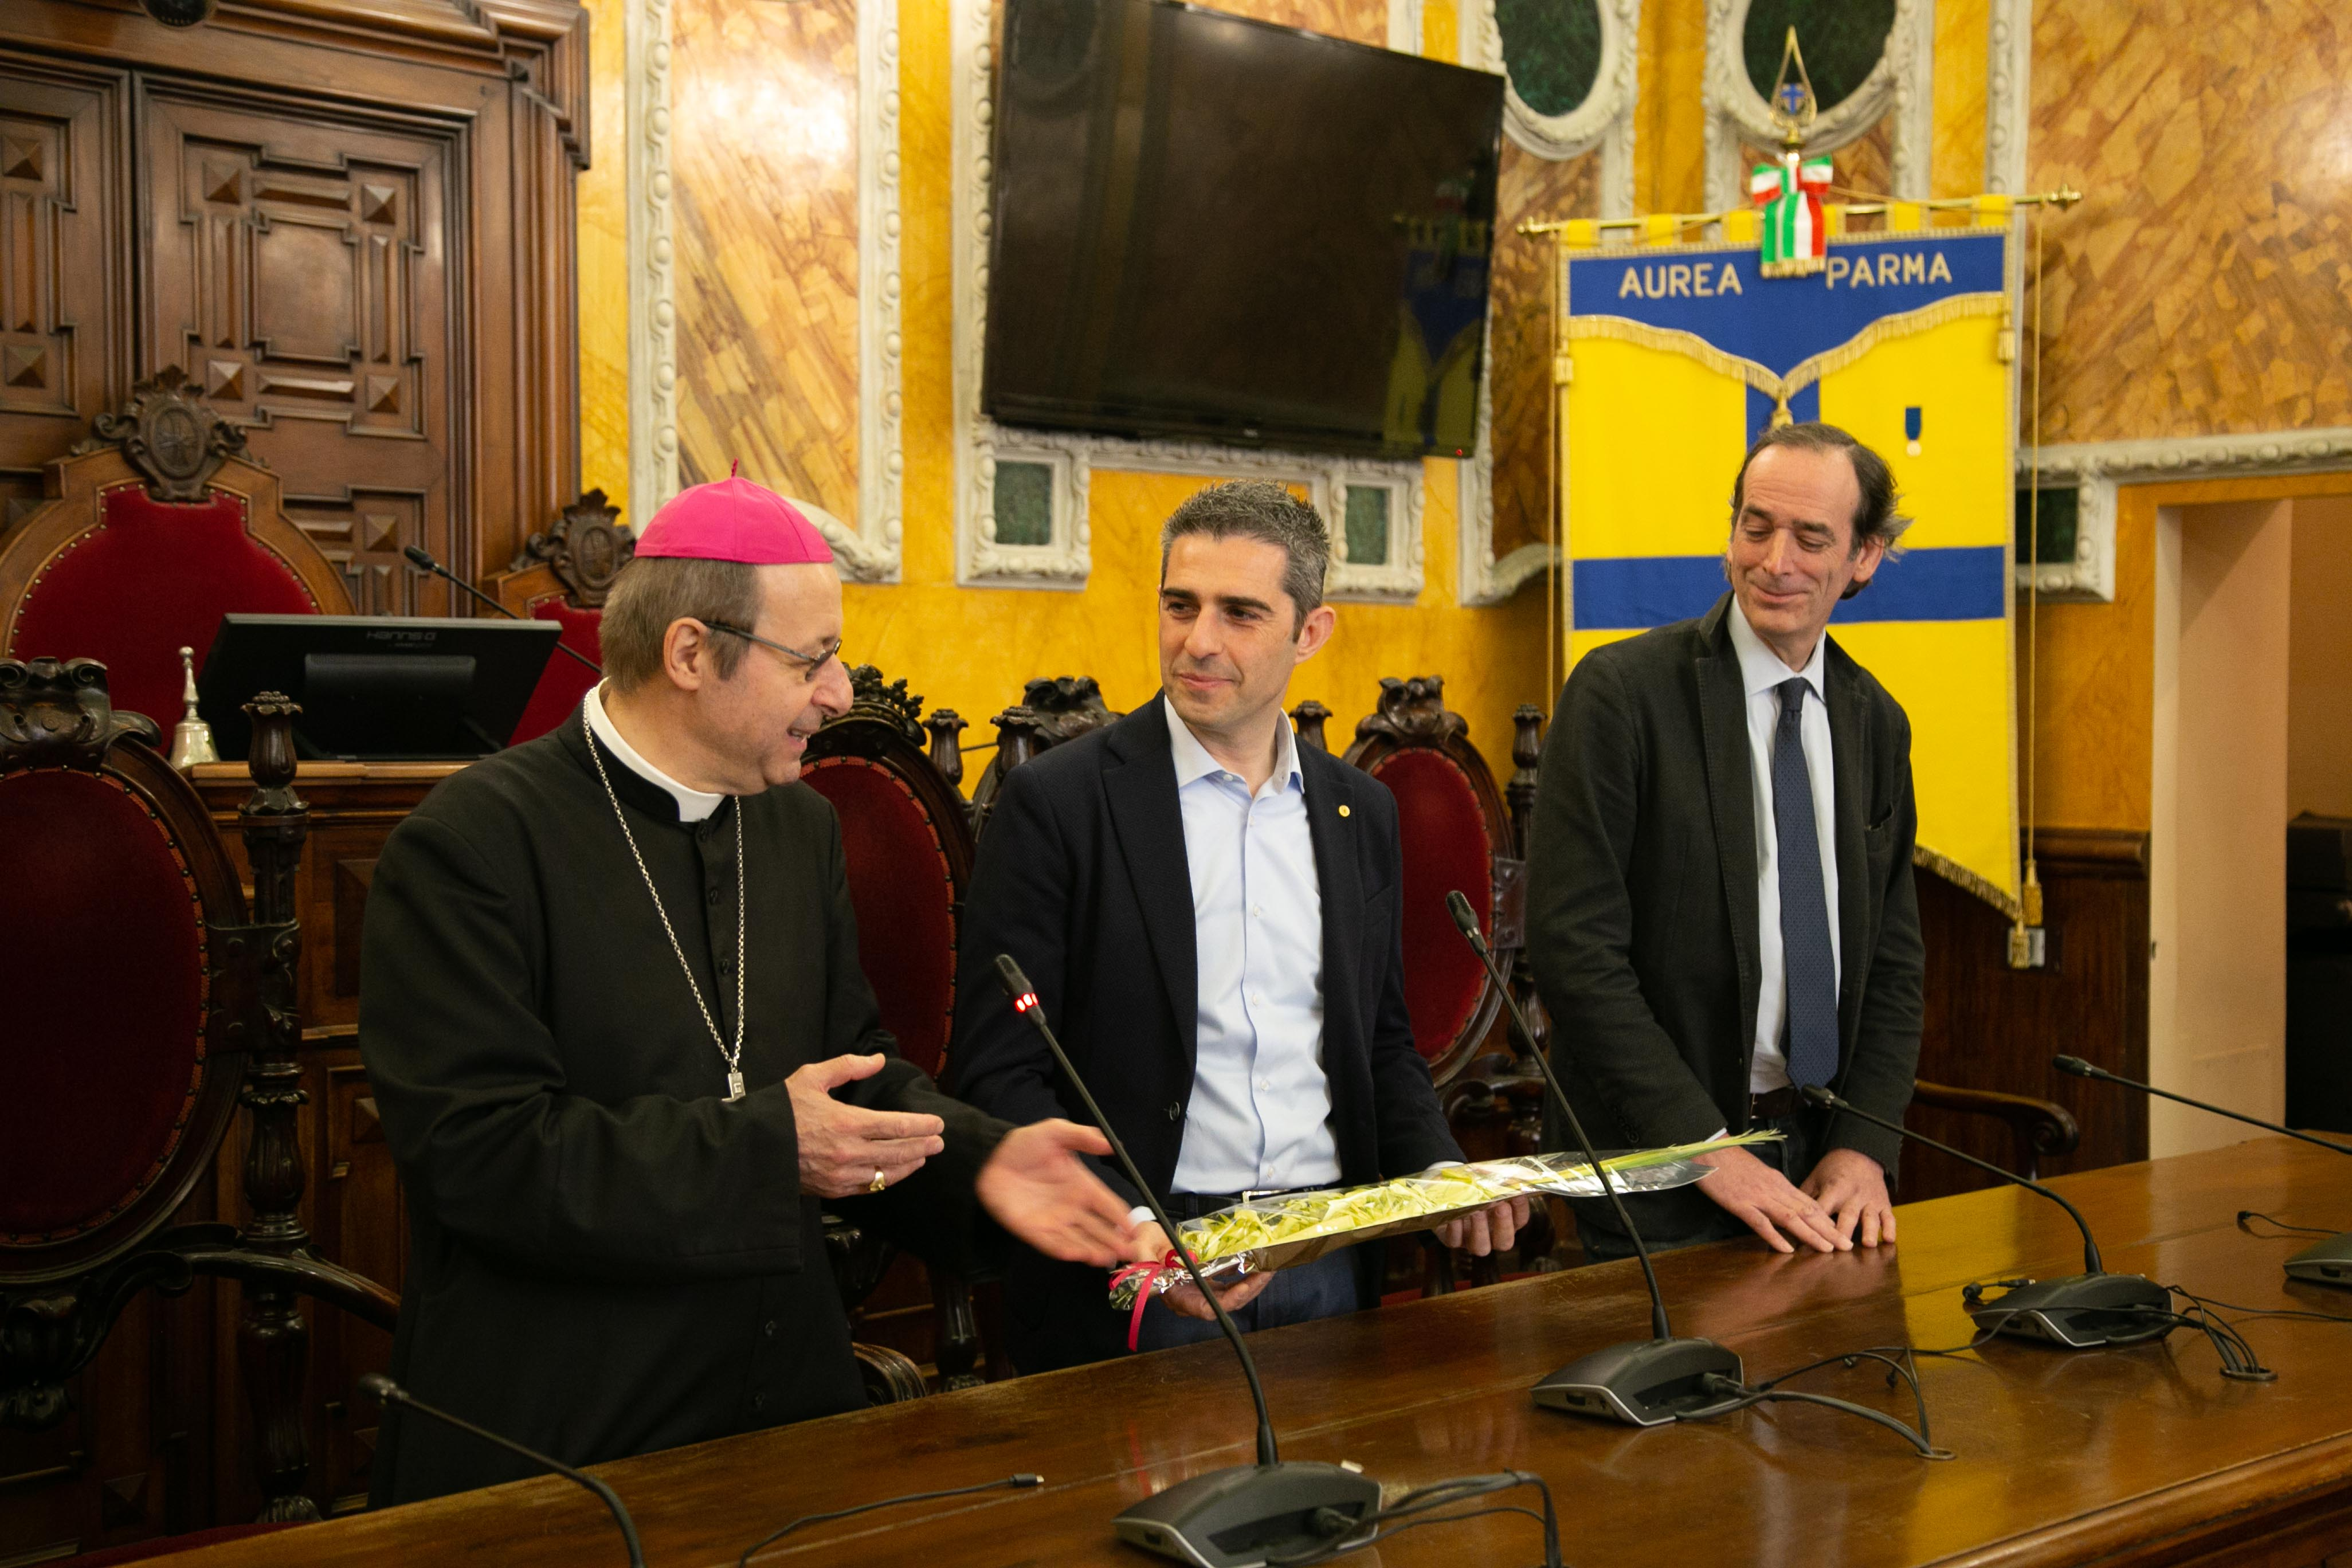 2019-04-15-Pizzarotti-Tassi-Carboni-benedizione-Vescovo-10